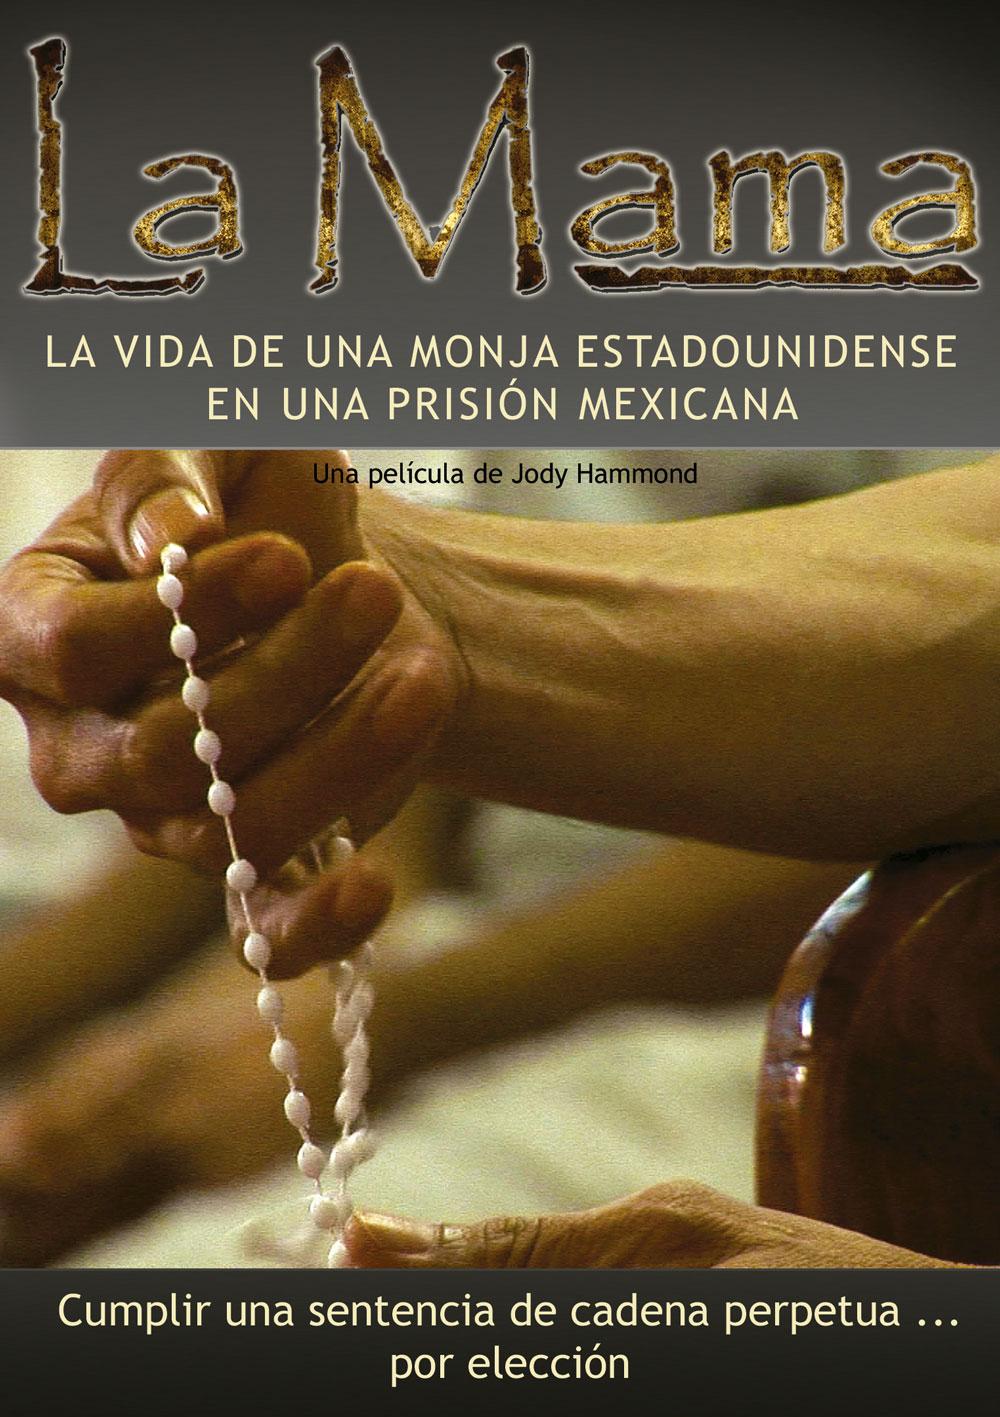 La Mama: La vida de una monja estadounidense en una prisión mexicana.